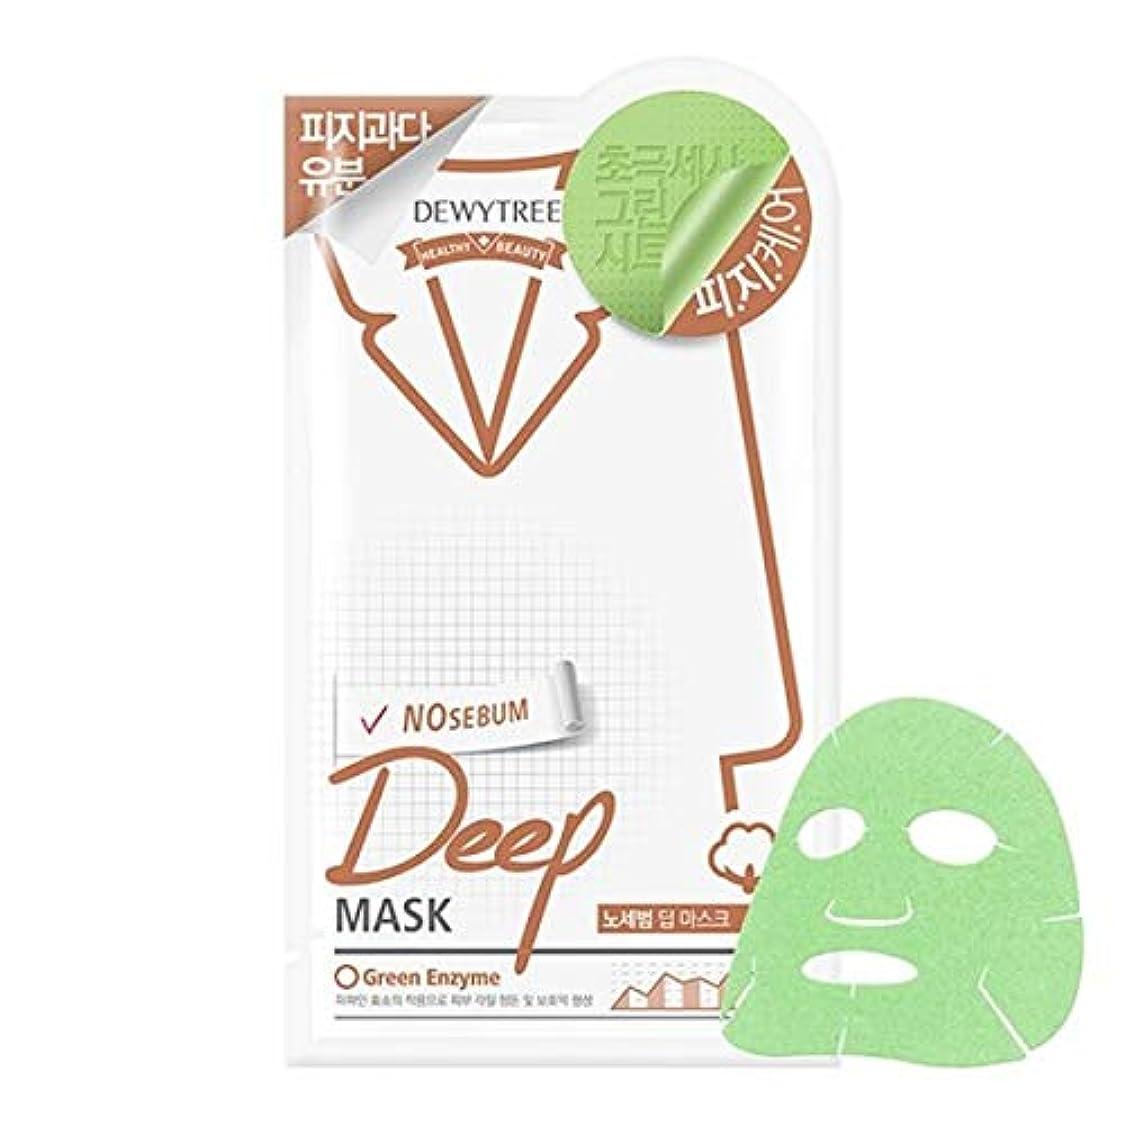 故国陰謀七面鳥(デューイトゥリー) DEWYTREE ノセボムディープマスク 20枚 Nosebum Deep Mask 韓国マスクパック (並行輸入品)